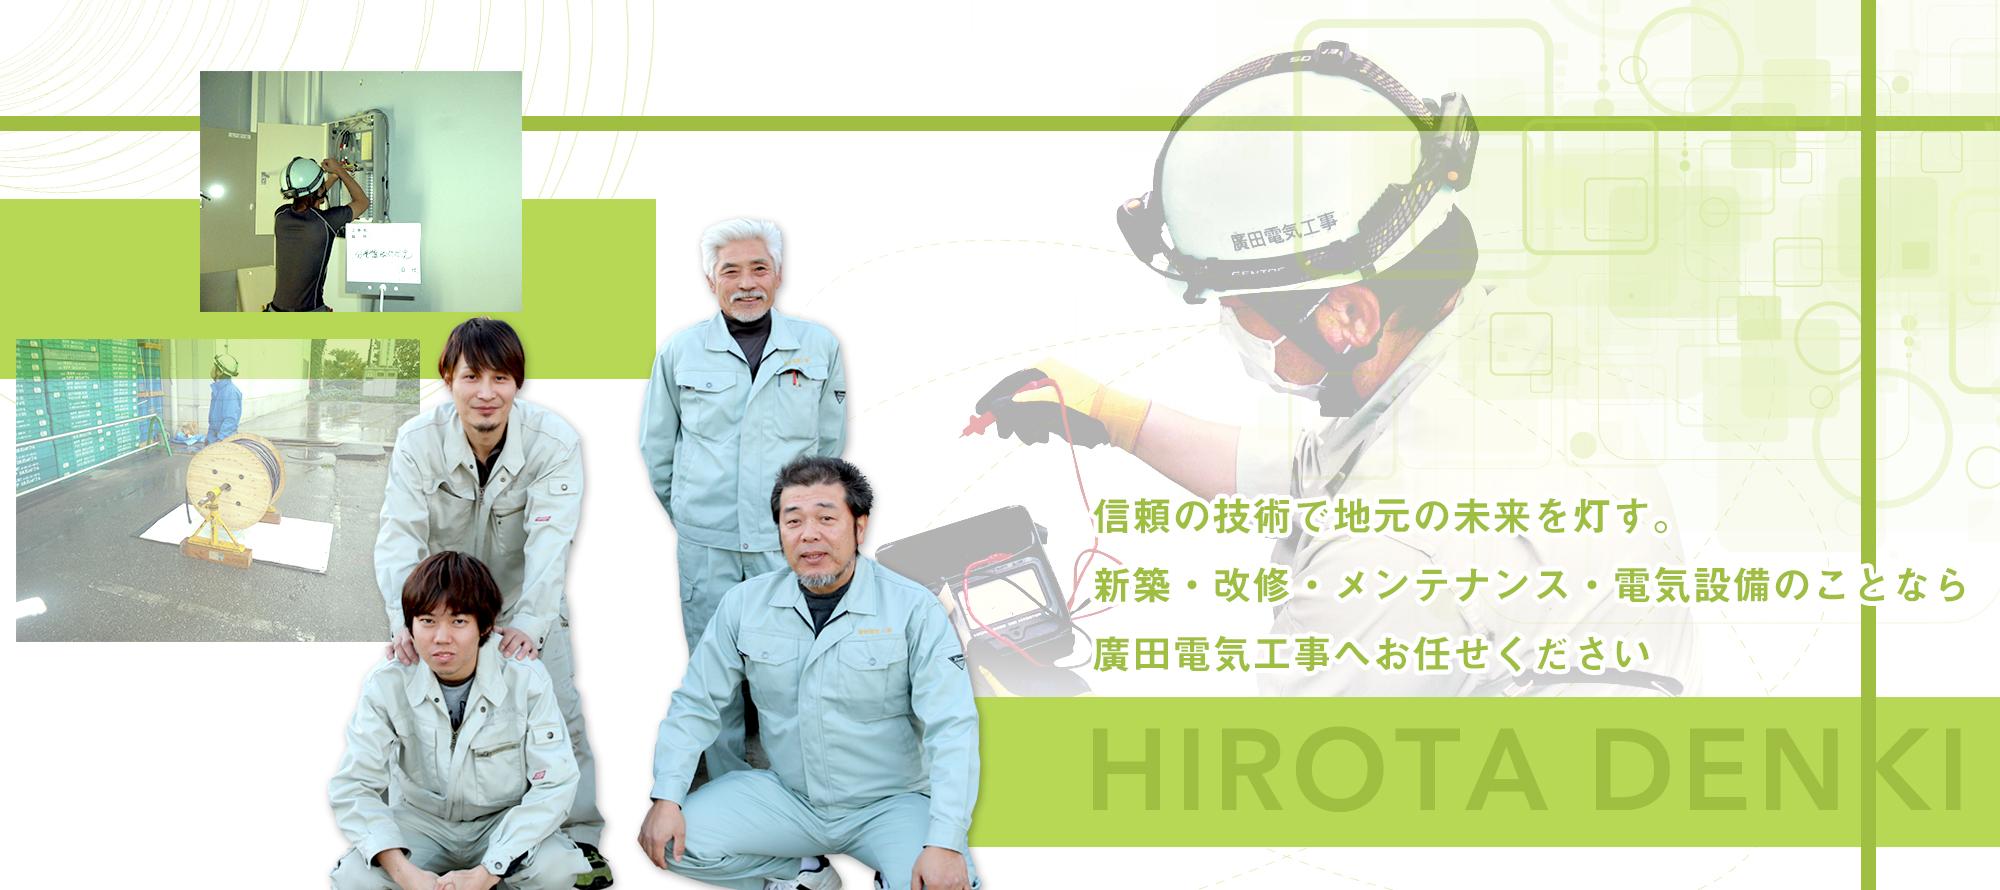 改修・電気設備のことなら廣田電気工事へお任せください